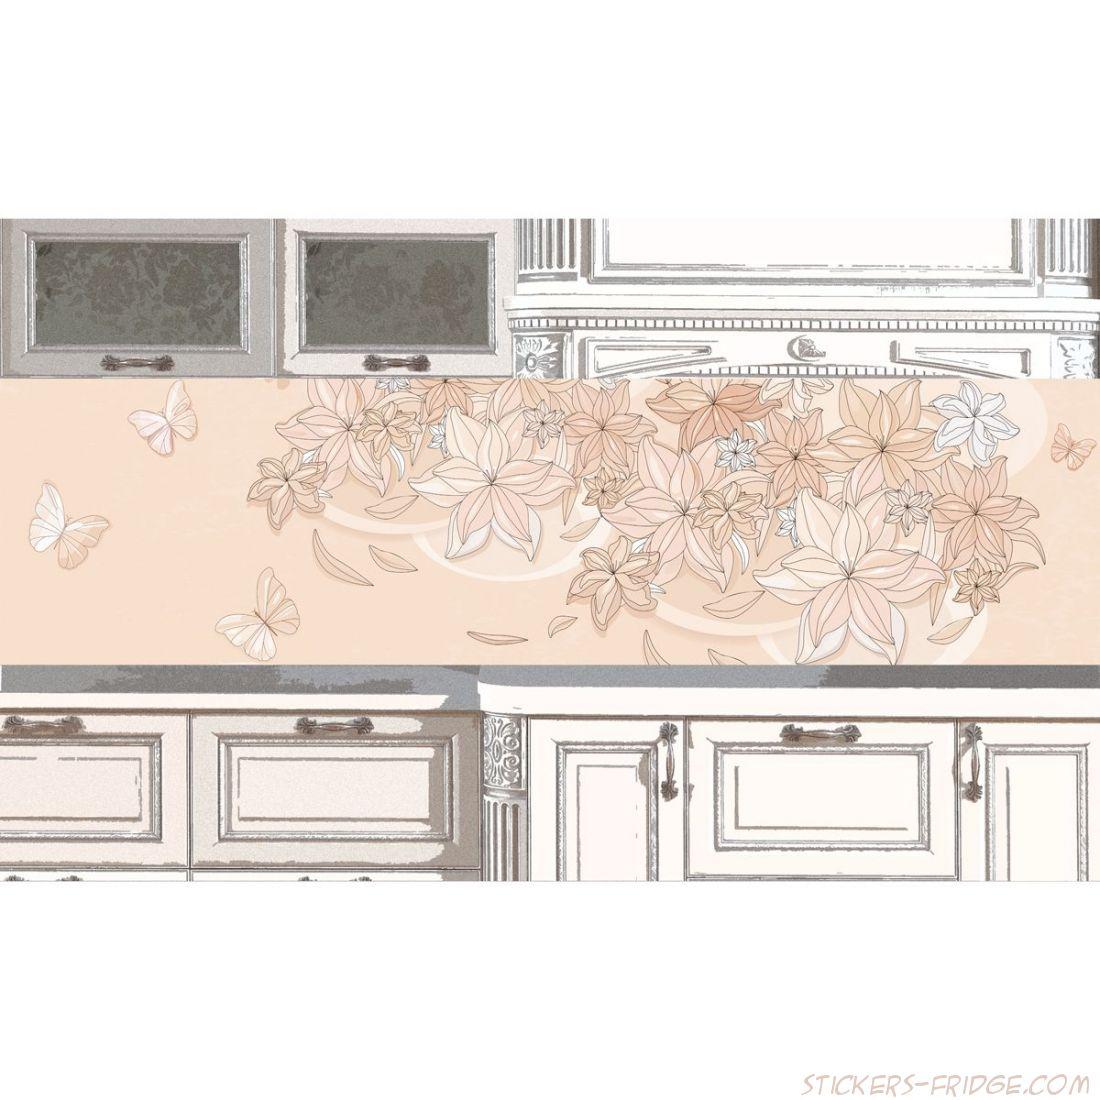 Наклейка на фартук кухни - Floral-1